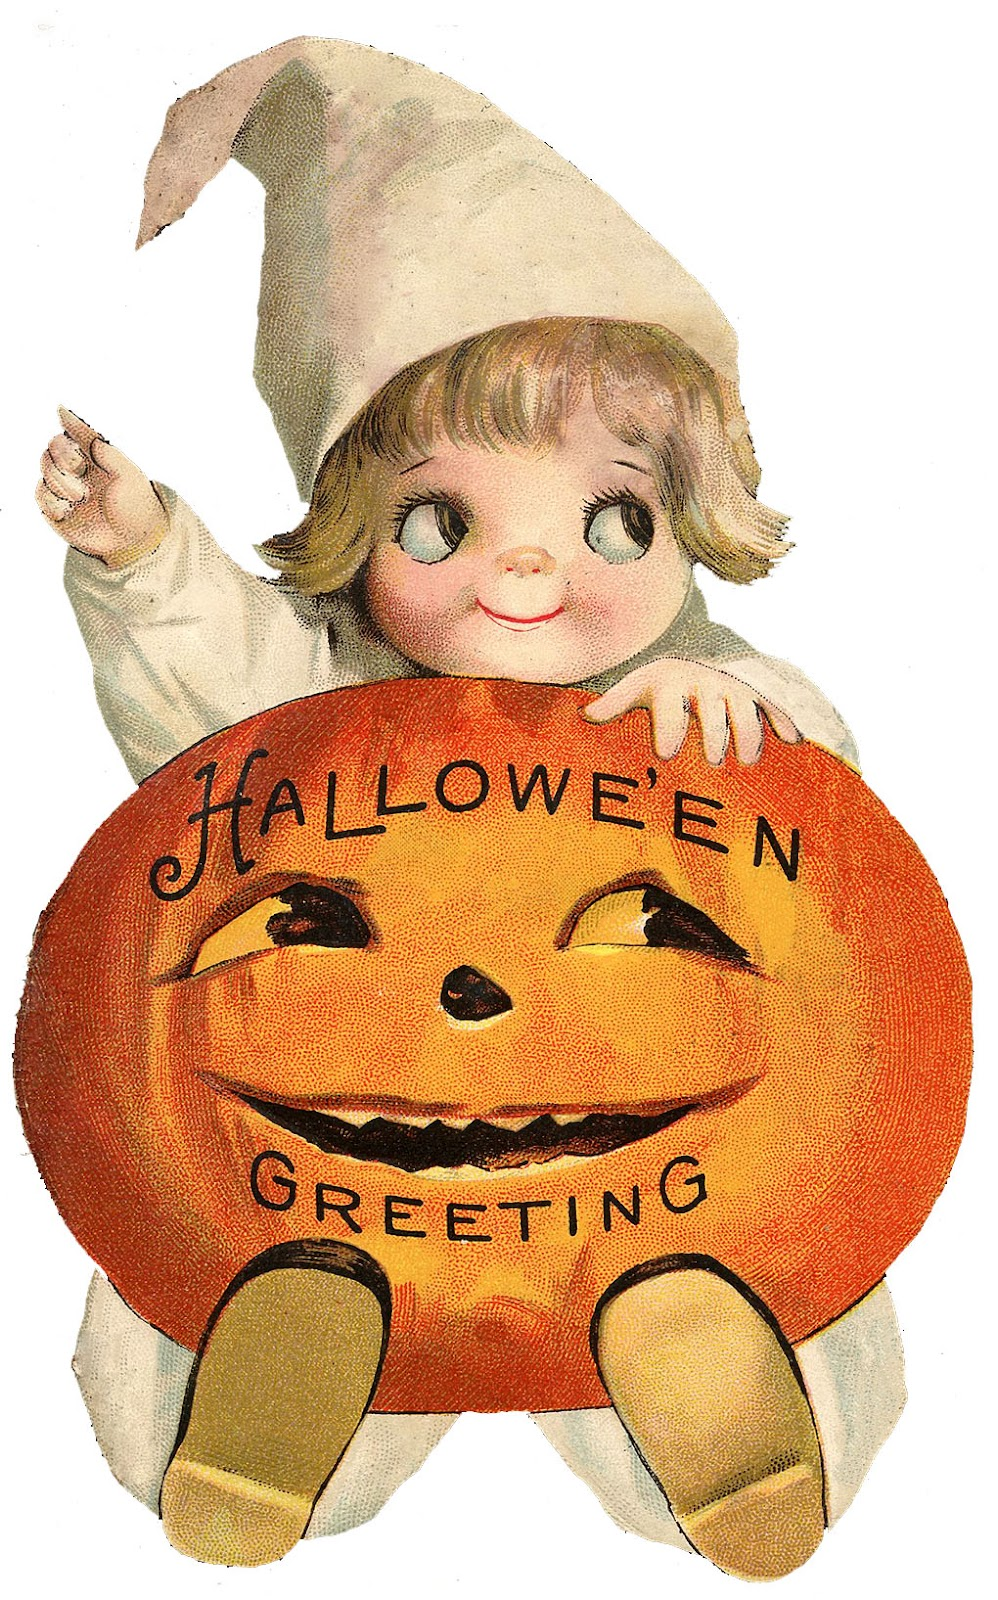 Vintage Pumpkin Clipart - Clipart Suggest